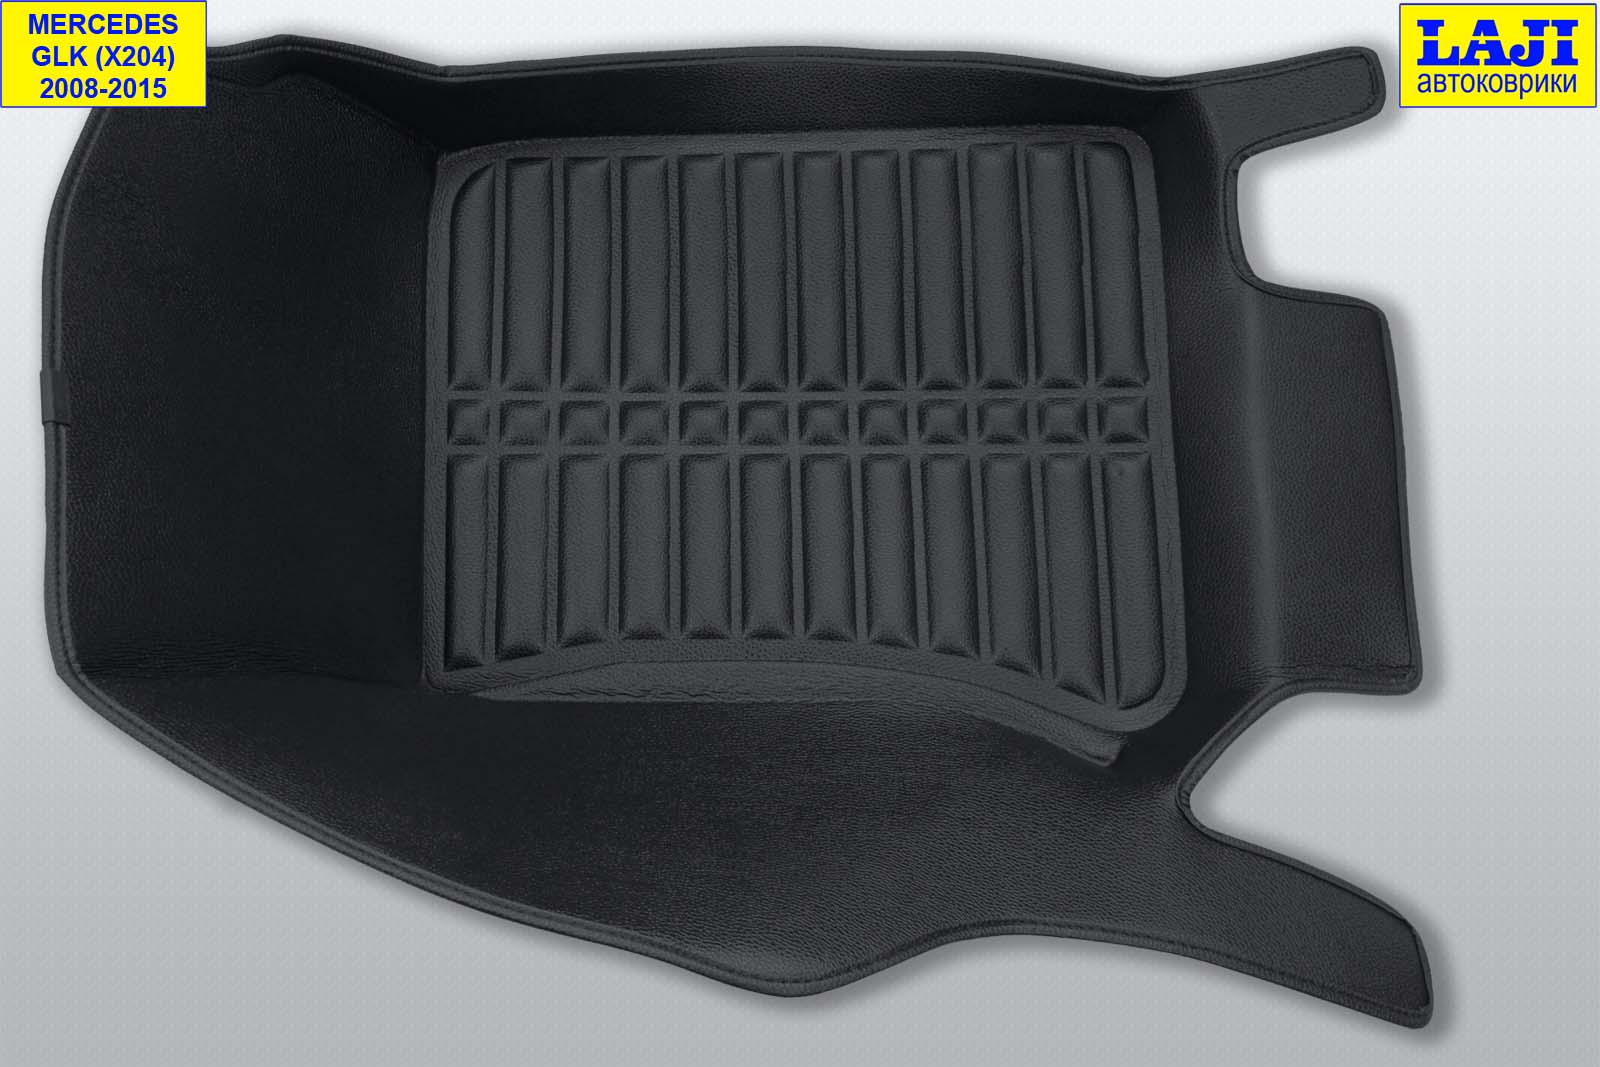 5D коврики в салон Mercedes GLK X204 2008-2015 5